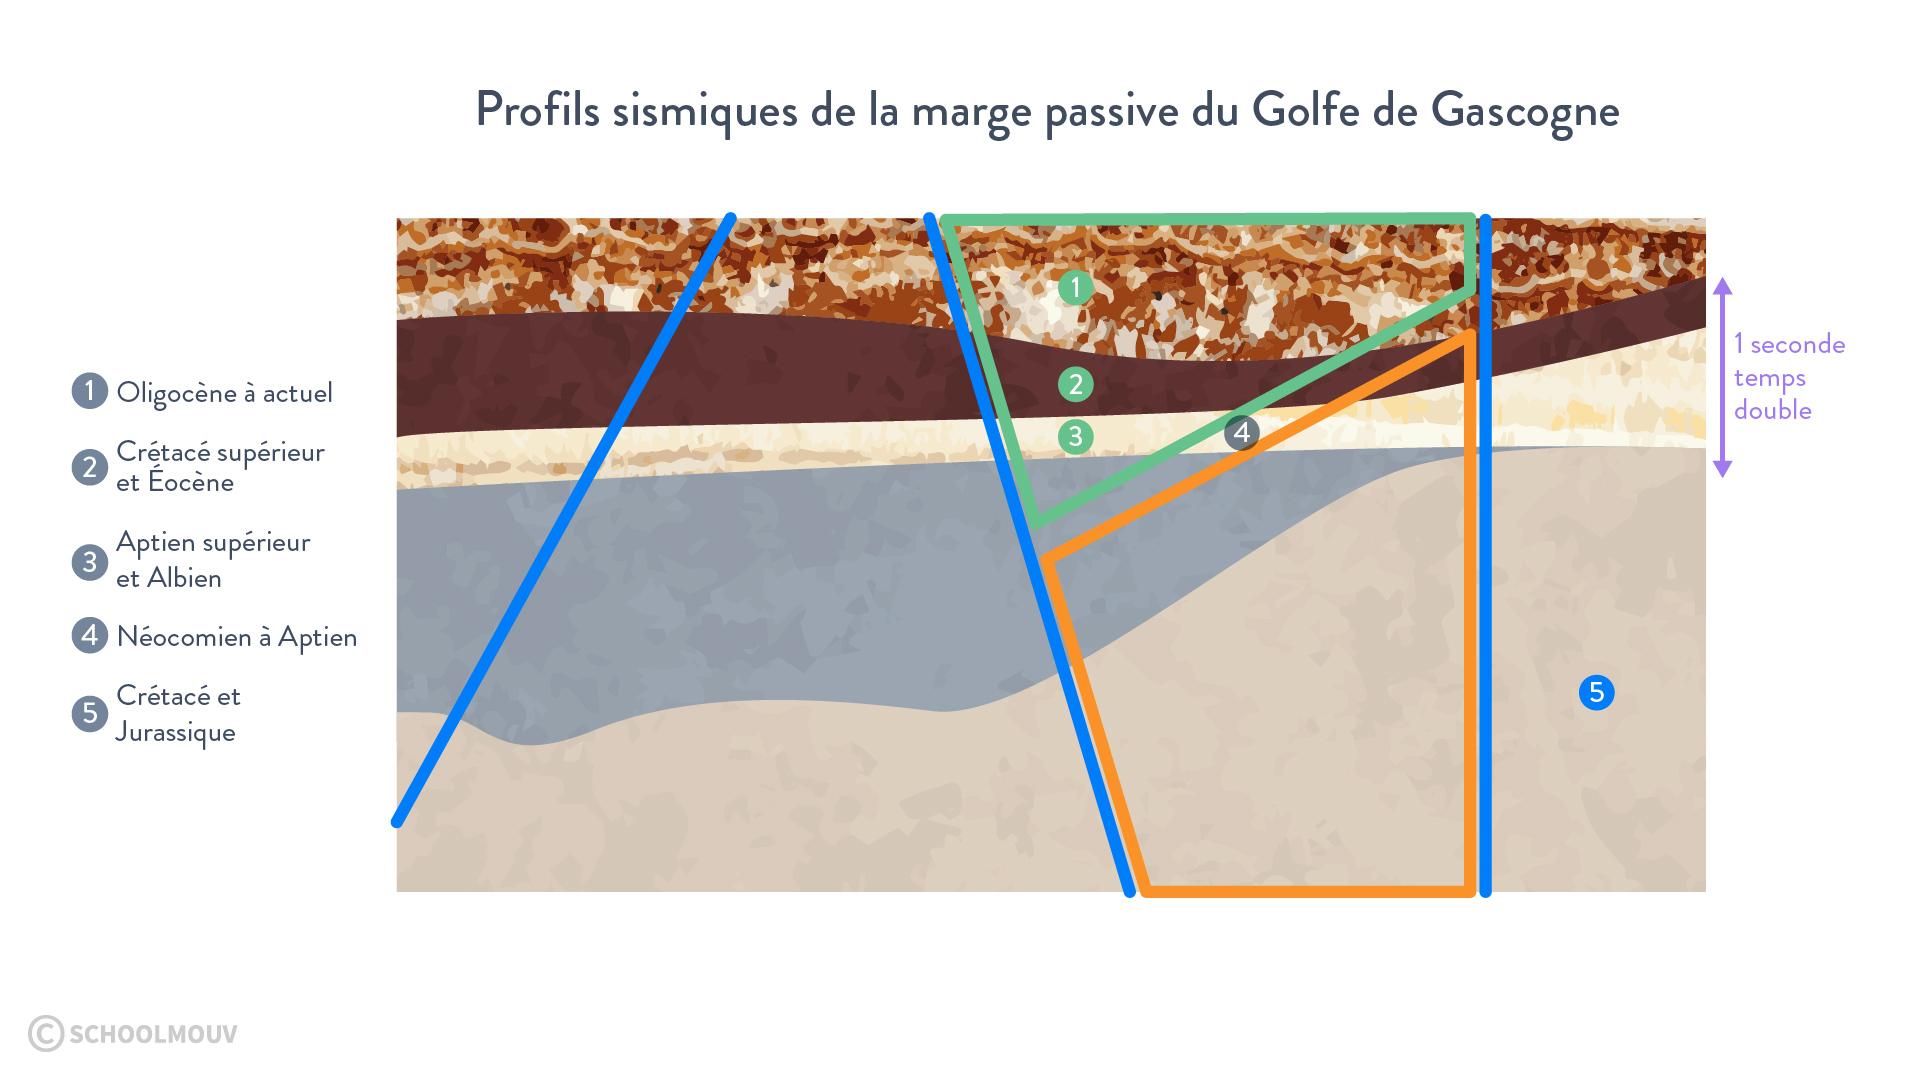 Profils sismiques de la marge passive du Golfe de Gascogne